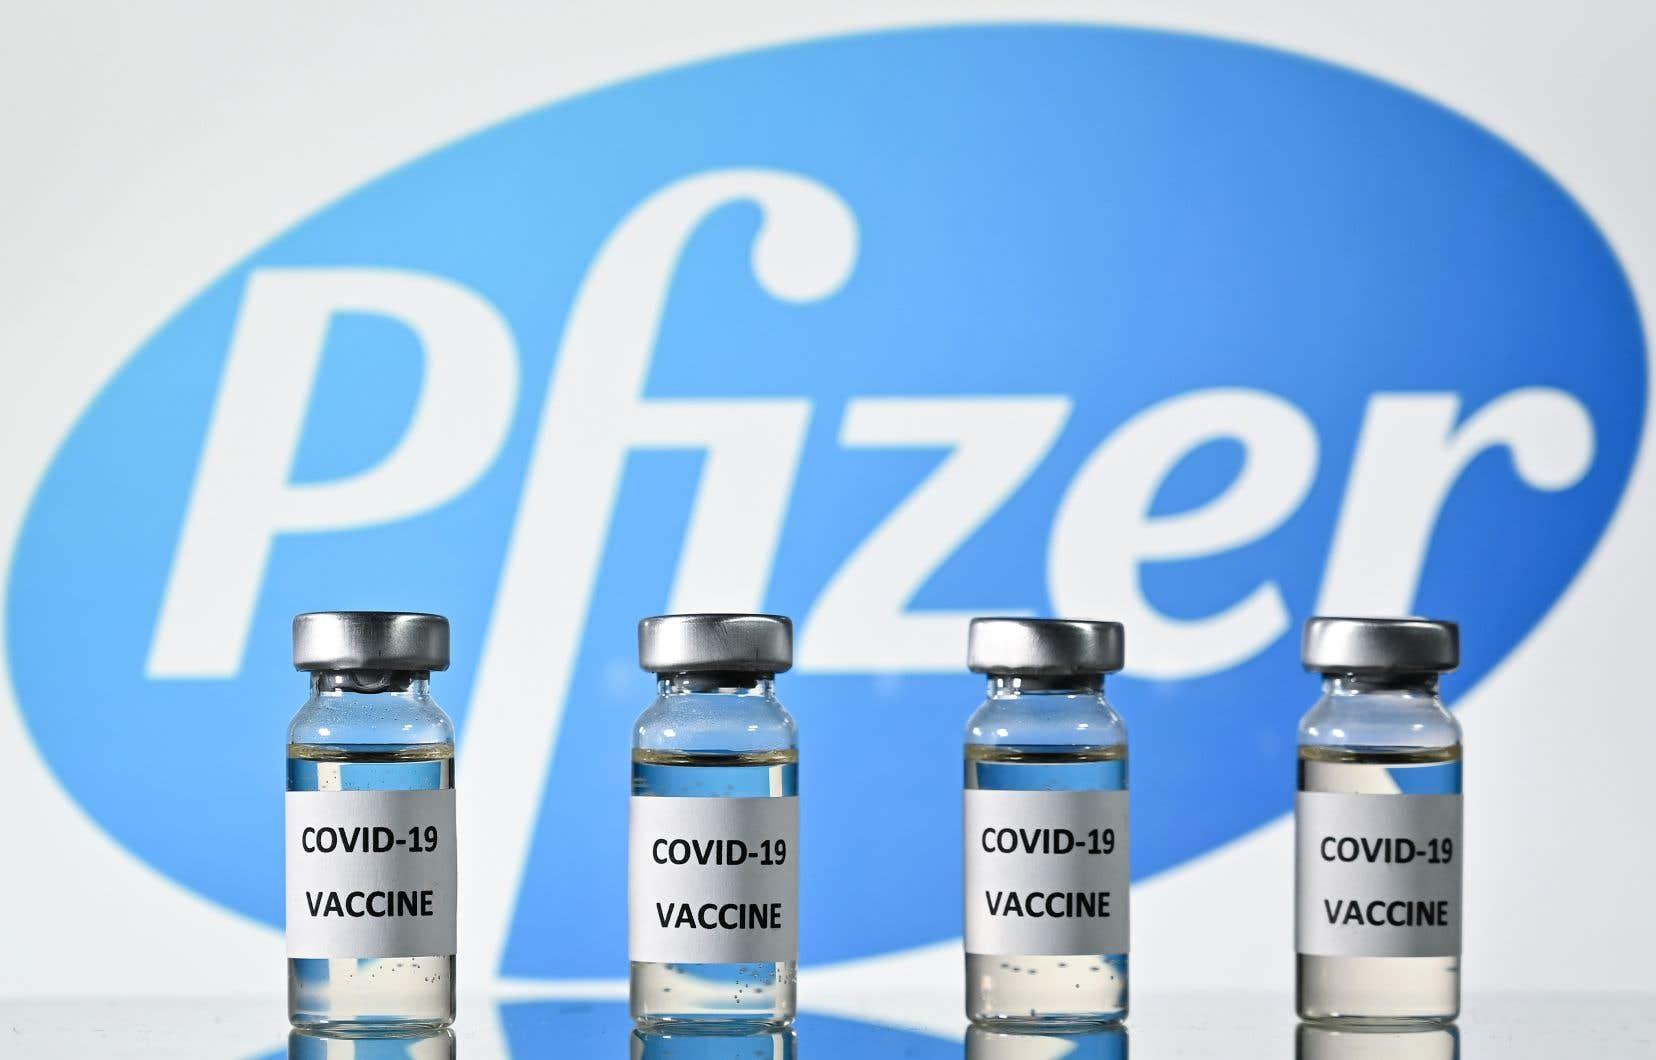 Le groupe pharmaceutique américain Pfizer et son partenaire allemand BioNTech ont confirmé qu'ils demanderaient à l'Agence américaine des médicaments d'autoriser leur vaccin contre la maladie causée par le nouveau coronavirus.